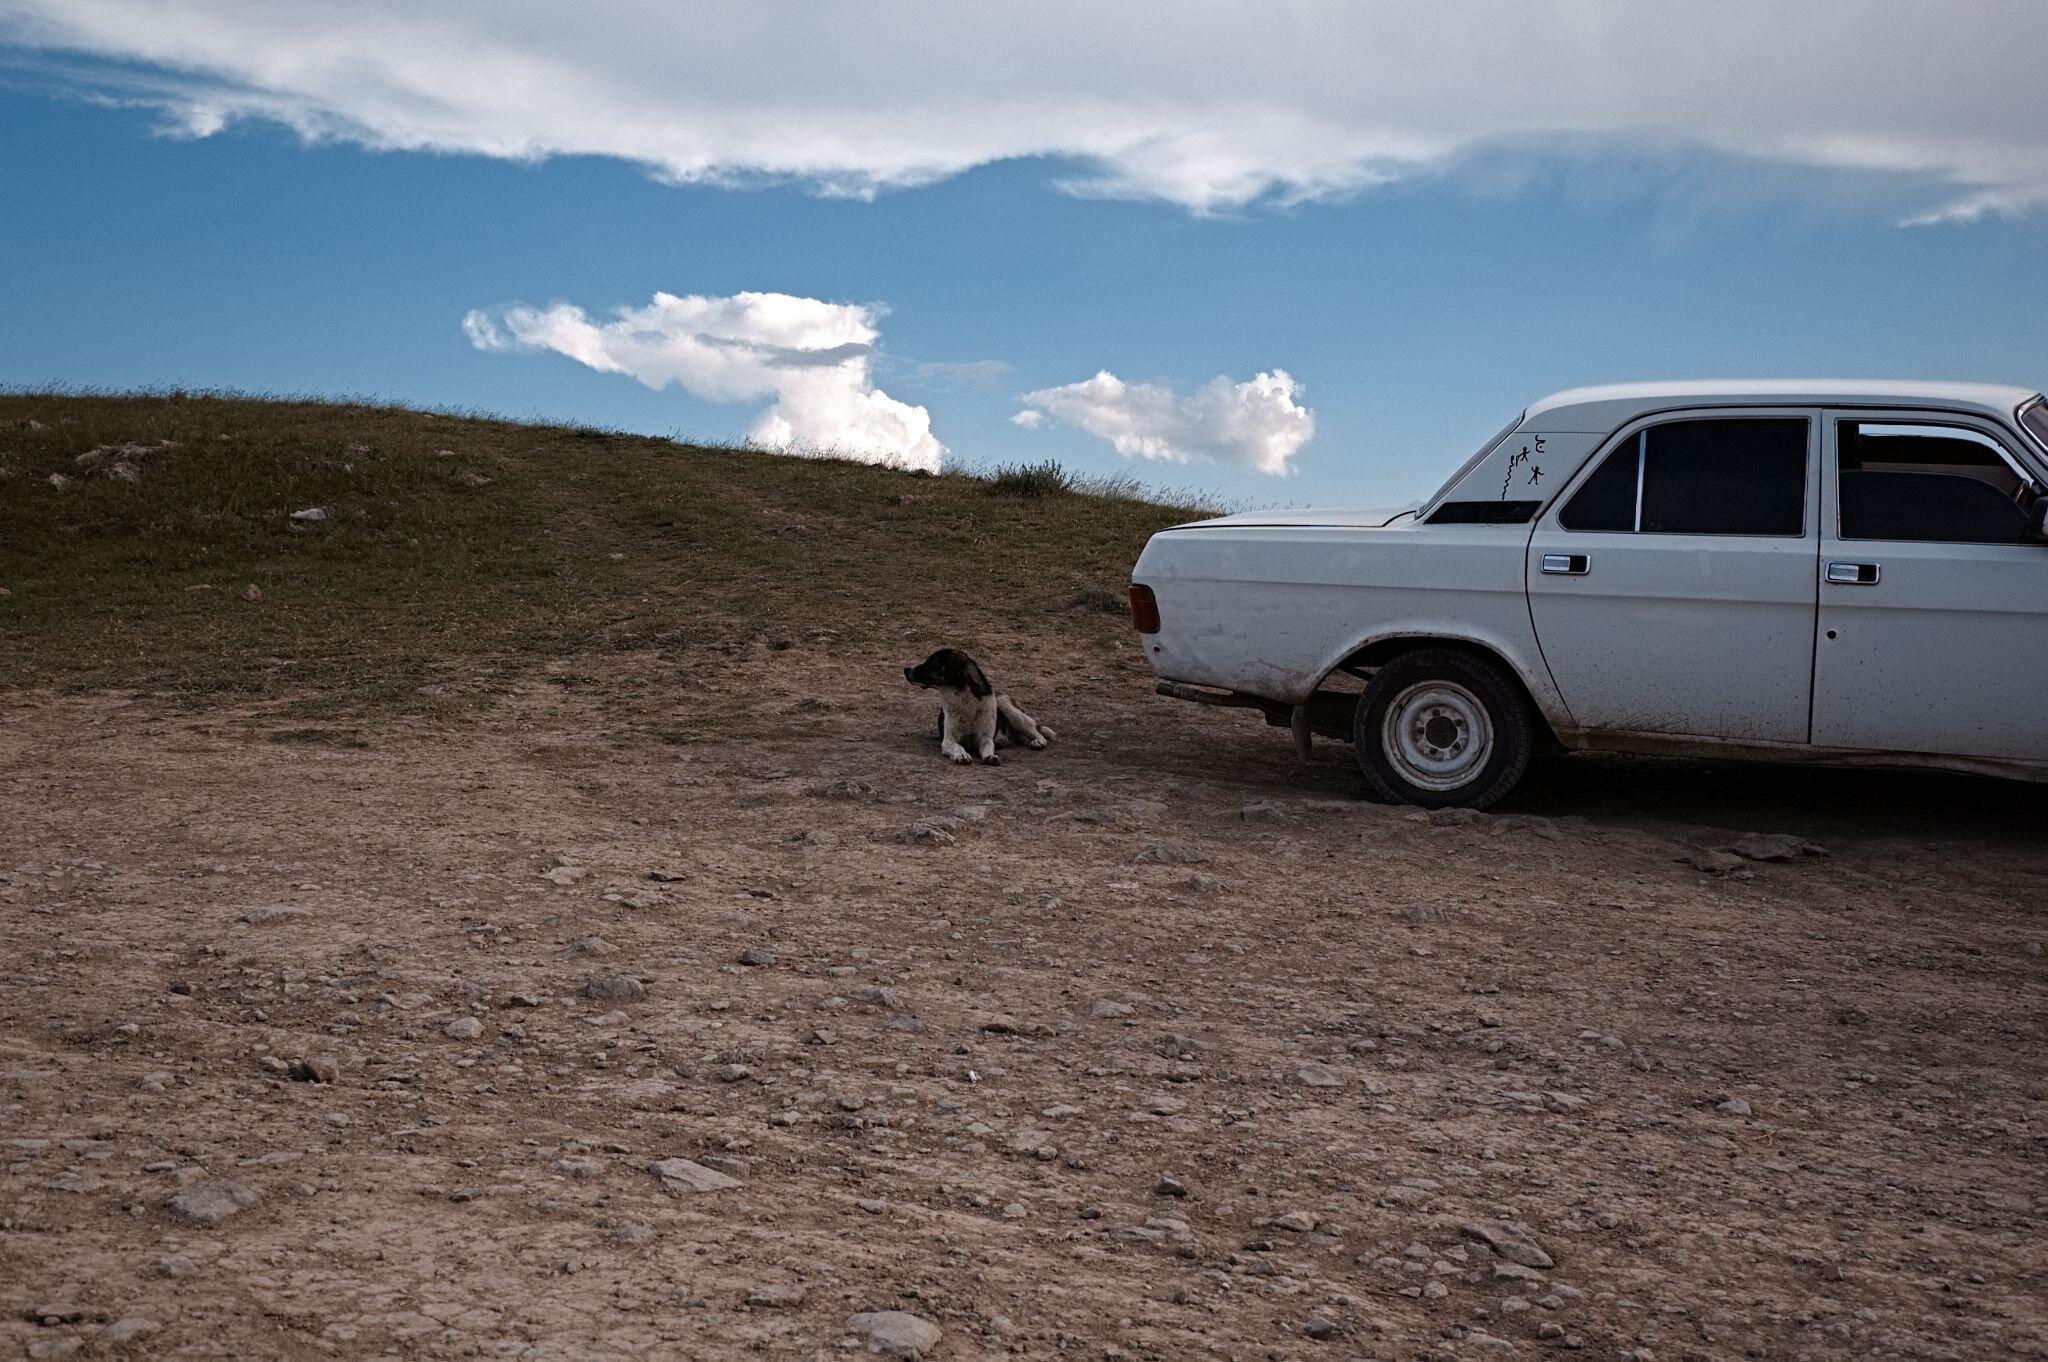 Hund neben weißem Auto